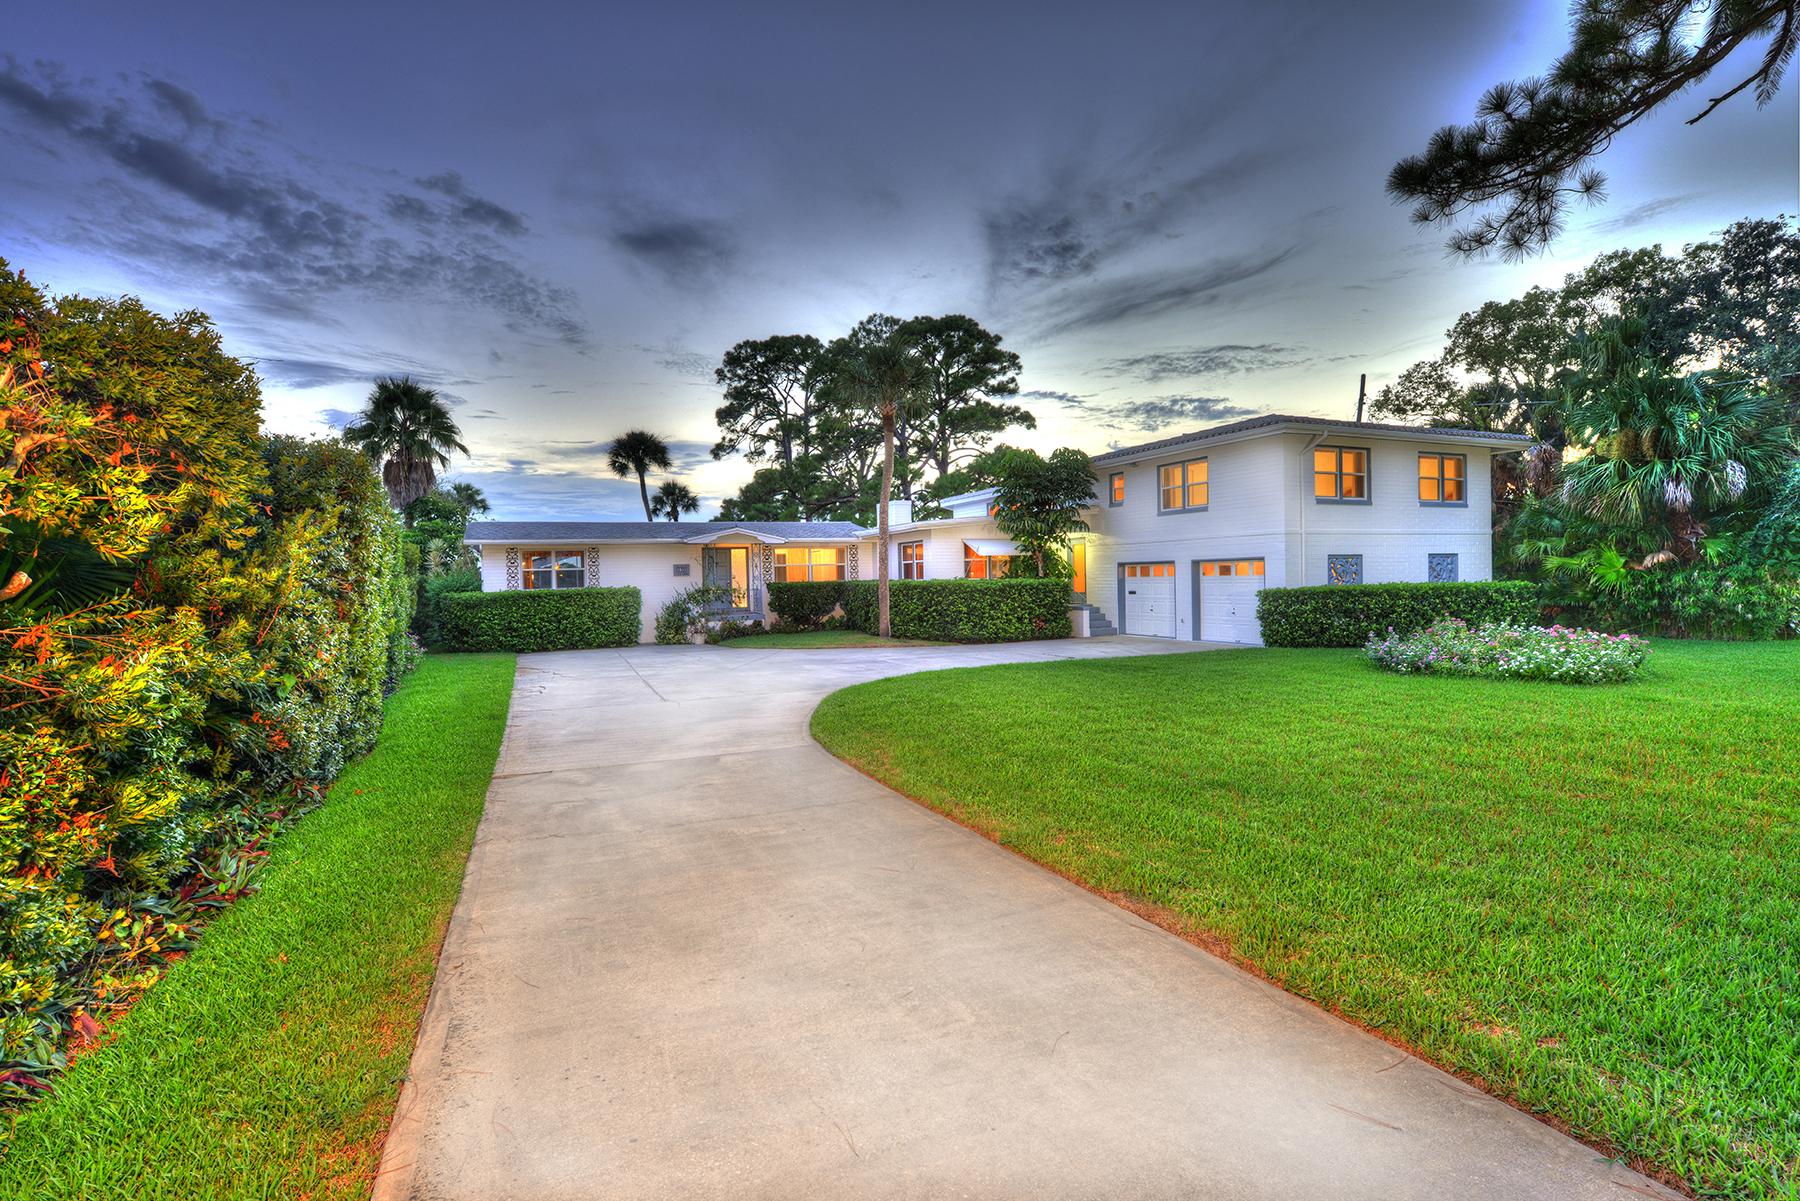 단독 가정 주택 용 매매 에 SPRUCE CREEK AND THE BEACHES 1533 N Halifax Ave Daytona Beach, 플로리다, 32118 미국